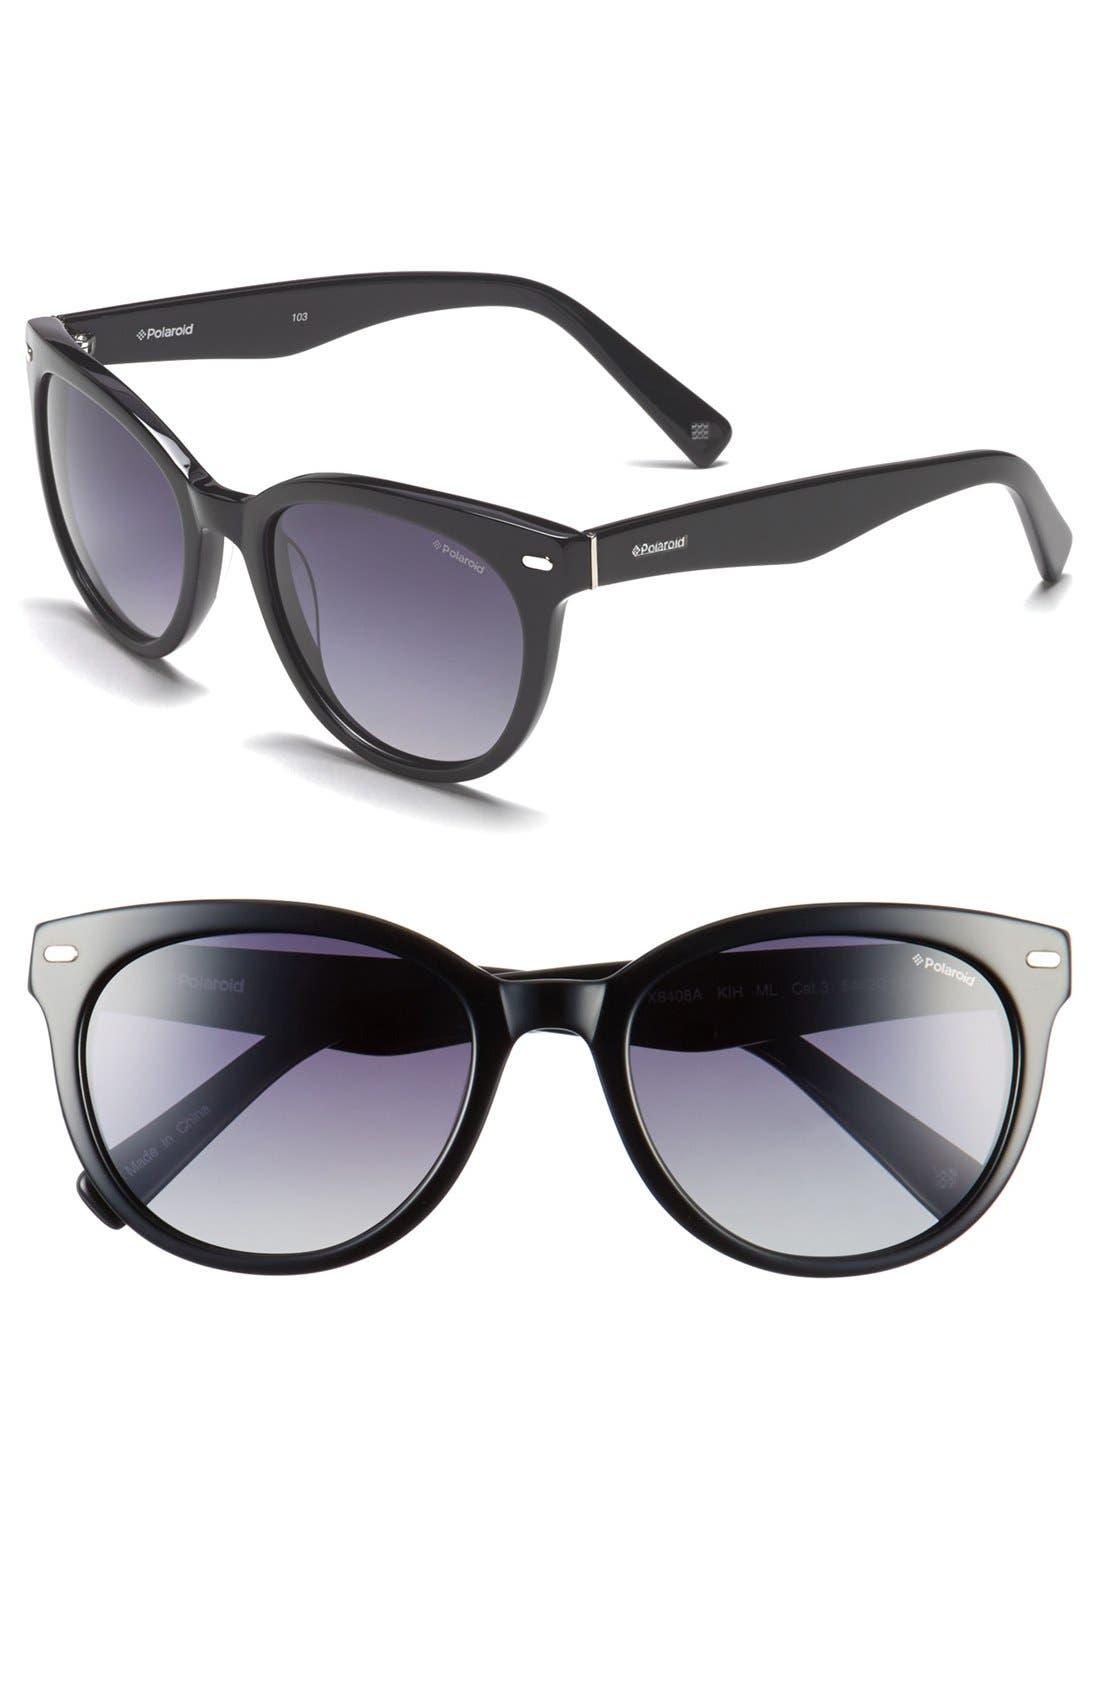 Main Image - Polaroid Eyewear 54mm Retro Polarized Sunglasses